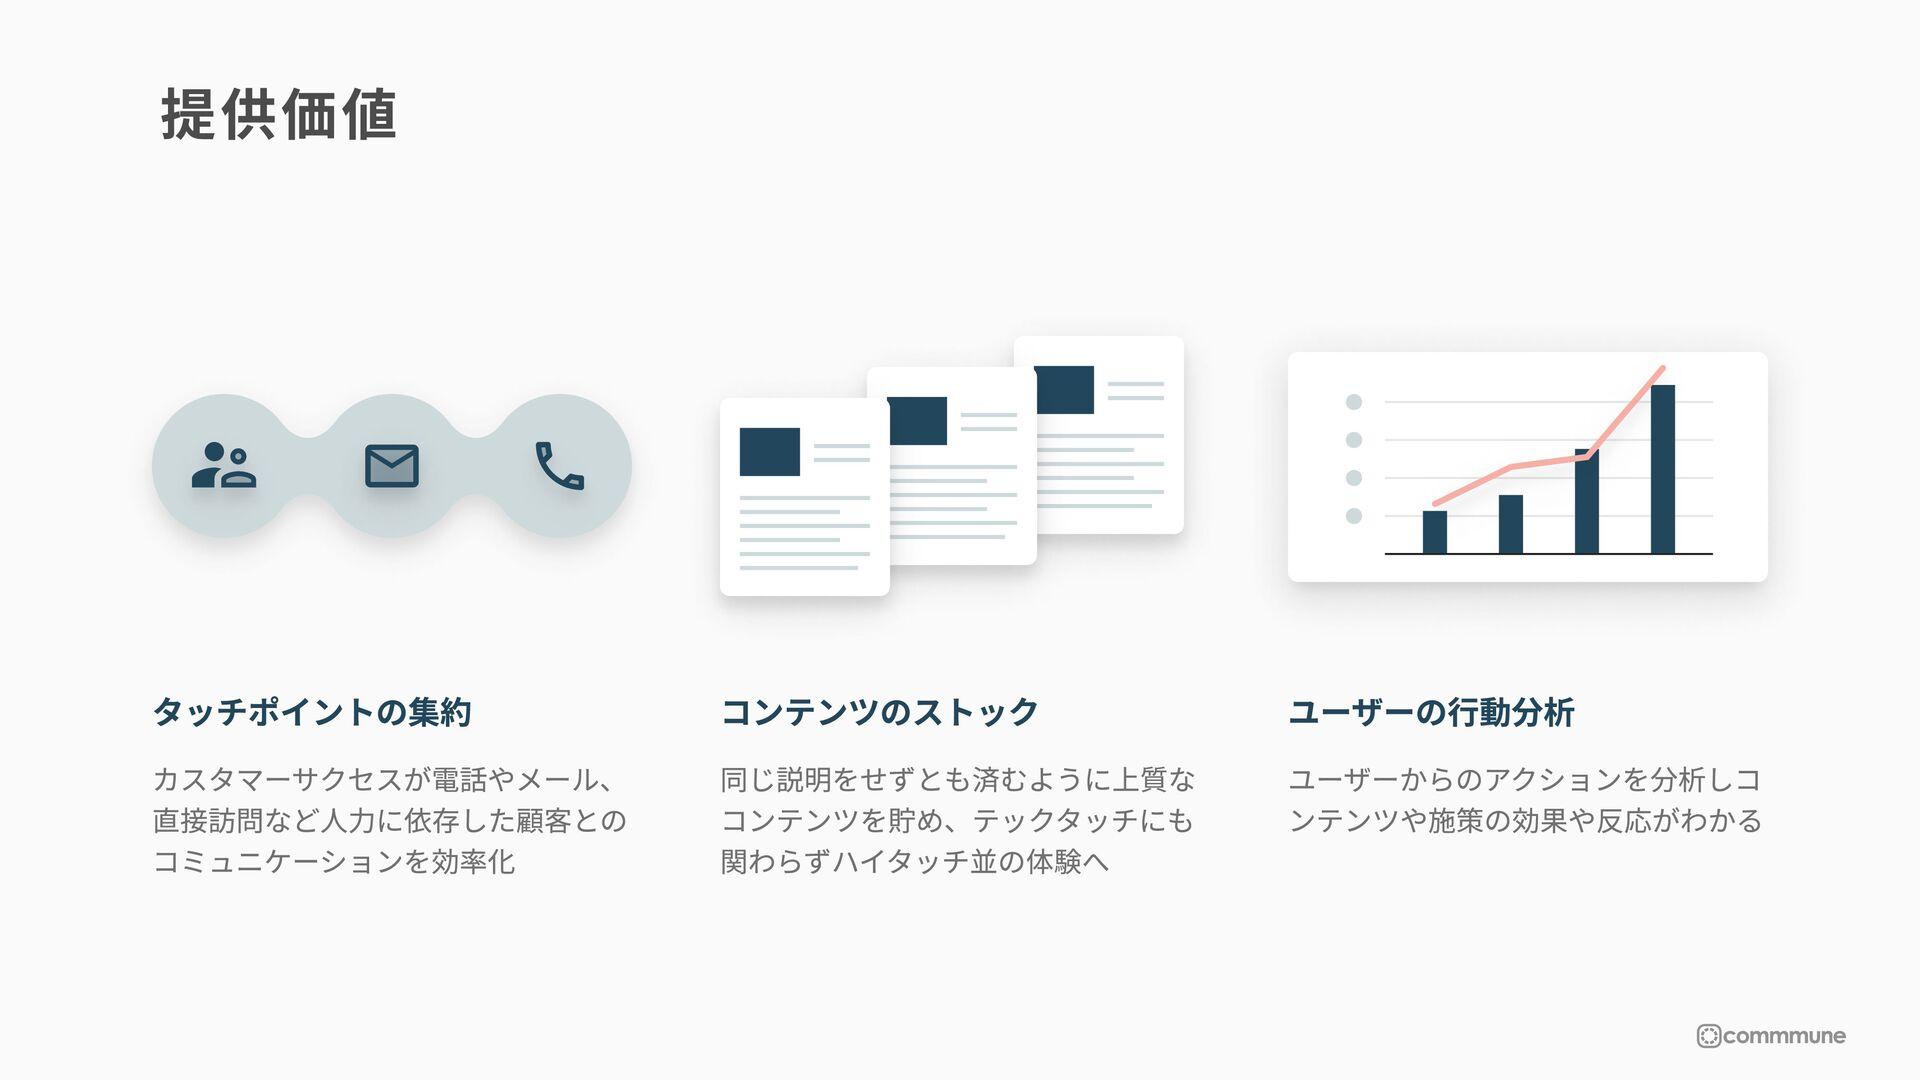 コミュニティ ナレッジベース 分析画面 企業とユーザーのコミュニケーション を双方向化し顧客の...